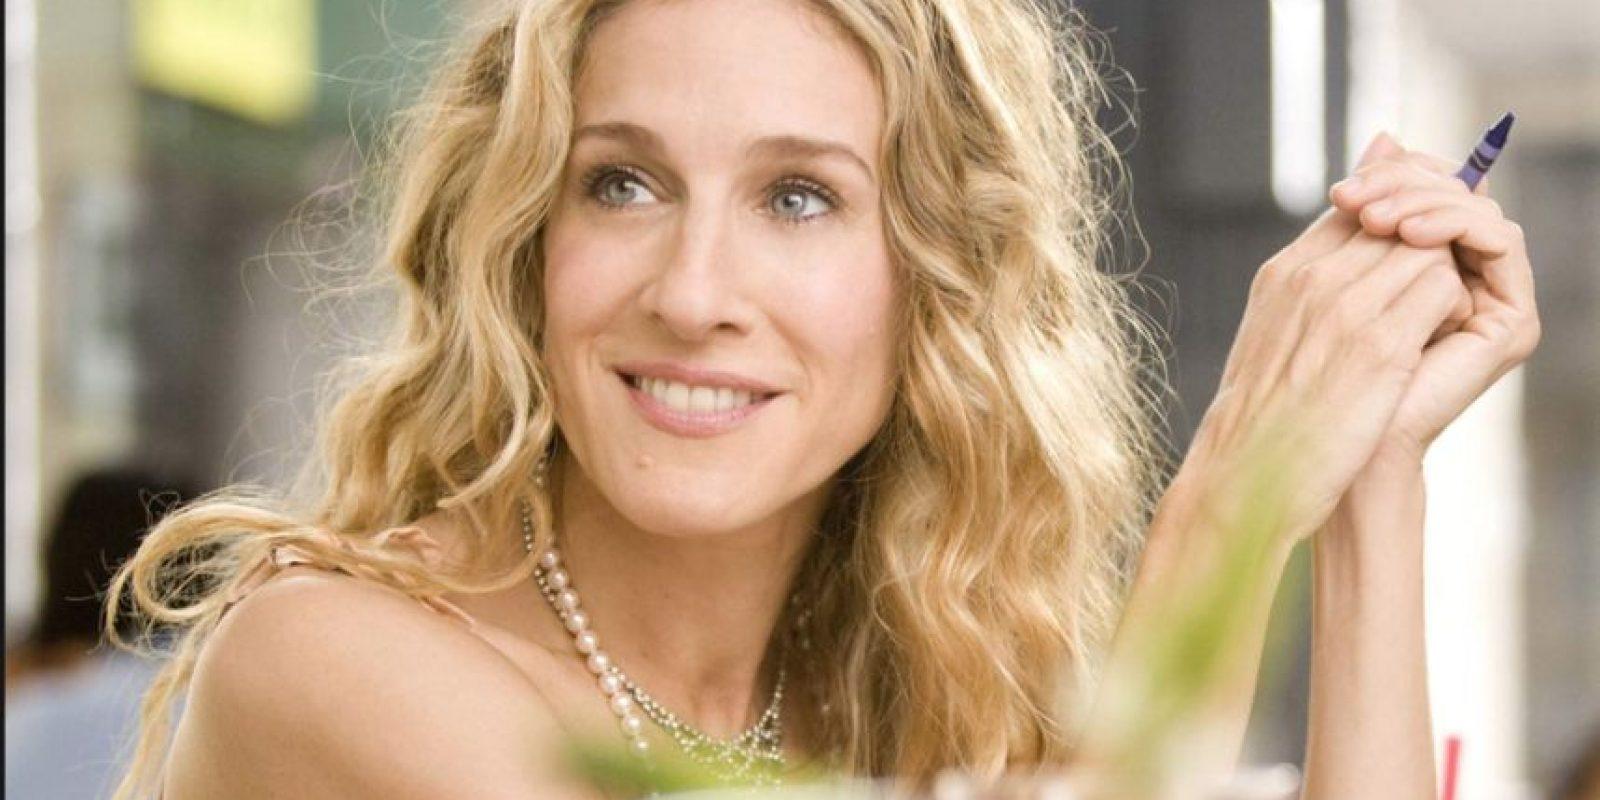 Siempre hace de ejecutiva chic o mujer de clase alta, amante de la moda y neurótica. Foto:vía HBO